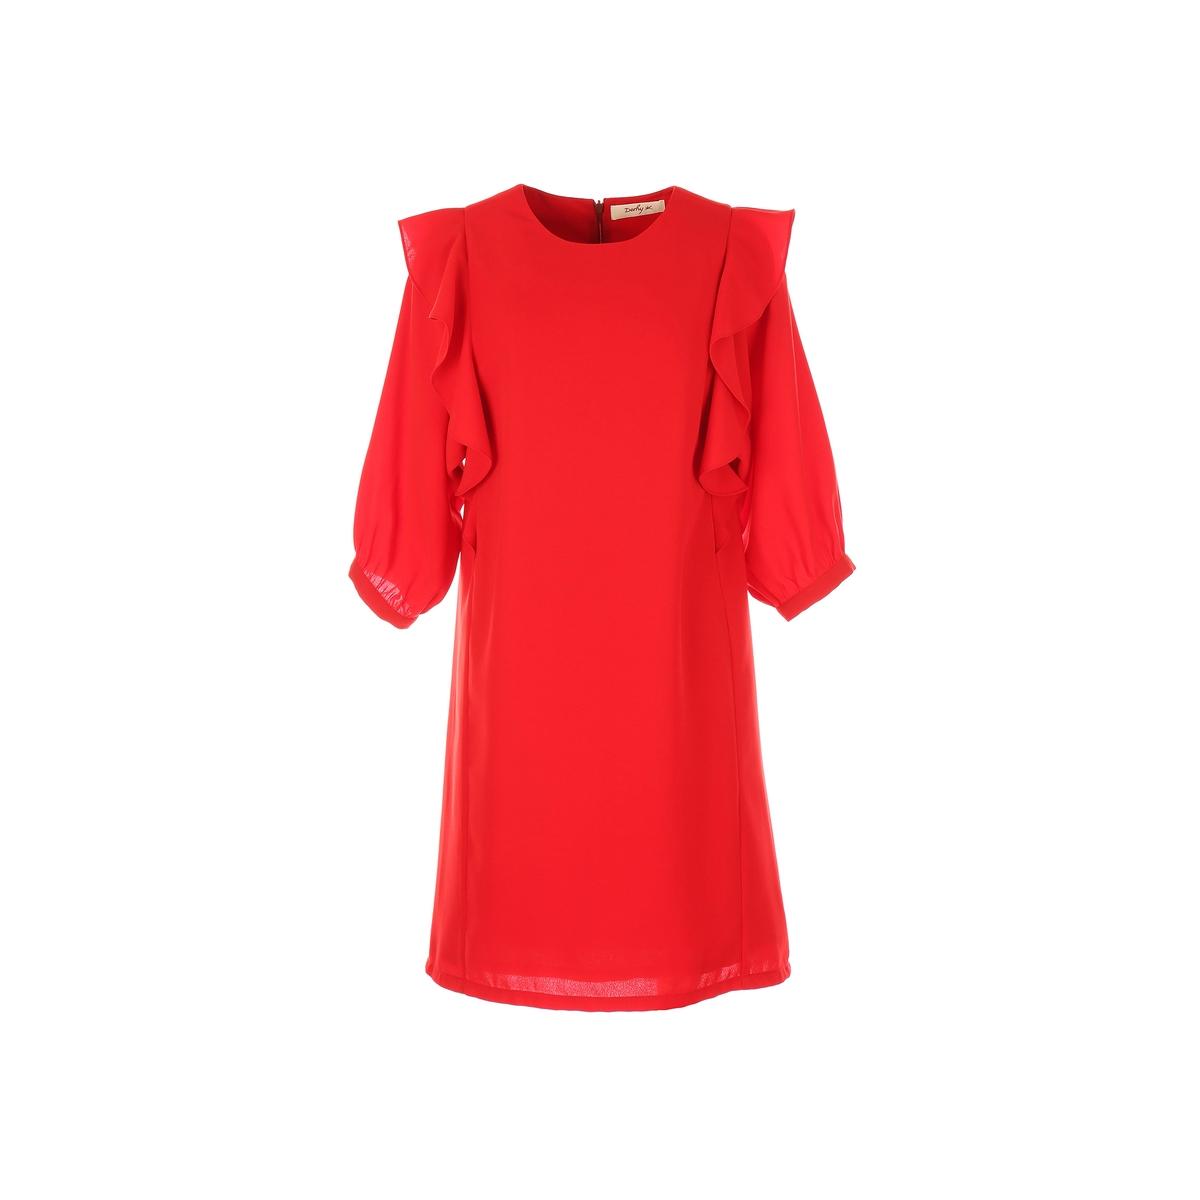 Платье короткое с воланами и рукавами 3/4Детали •  Форма : расклешенная •  Короткое  •  Длинные рукава     •  Круглый вырезСостав и уход •  100% полиэстер  •  Следуйте советам по уходу, указанным на этикетке<br><br>Цвет: красный<br>Размер: L.S